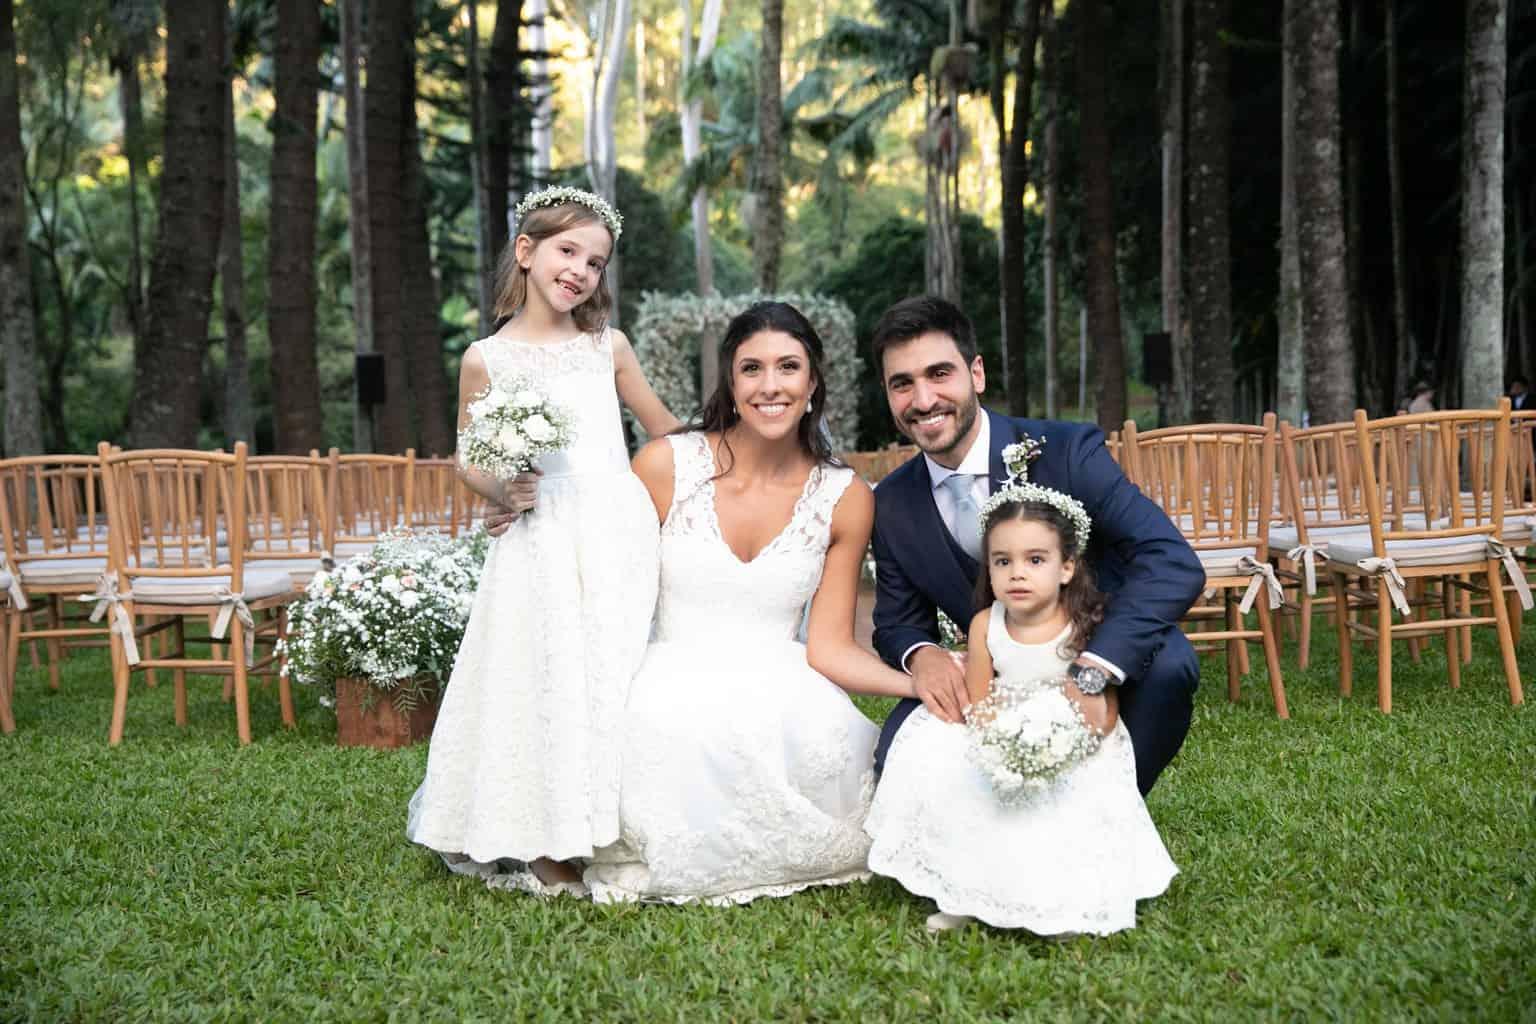 casamento-na-Fazenda-Vila-Rica-cerimonia-ao-ar-livre-cerimonial-Ana-Paula-Tabet-Fotografia-Euka-Weddings-Renata-e-Gabriel100